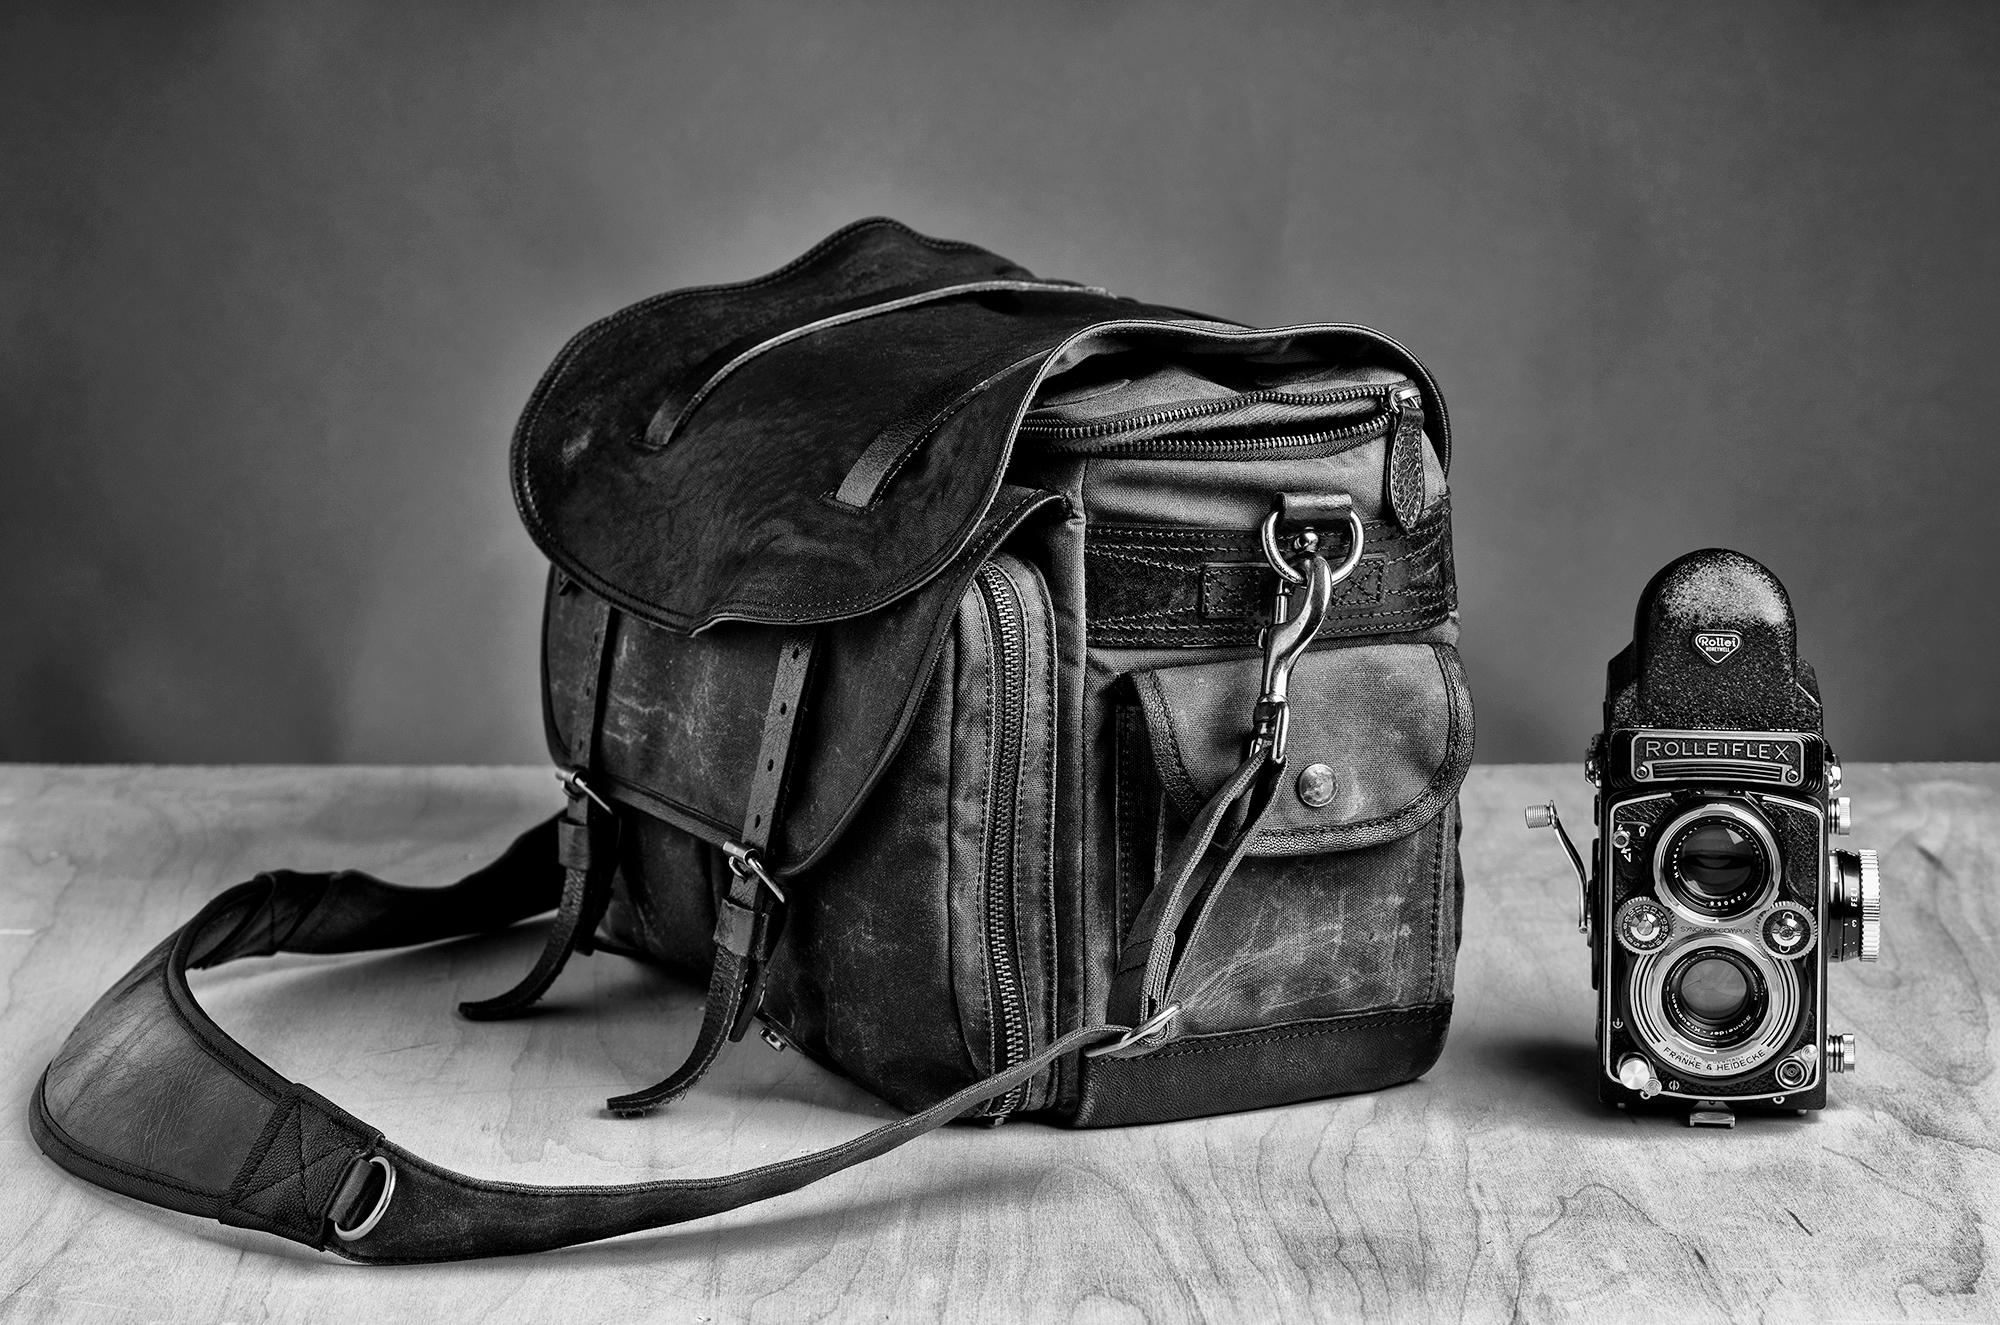 The Wotancraft Avenger Shoulder Bag